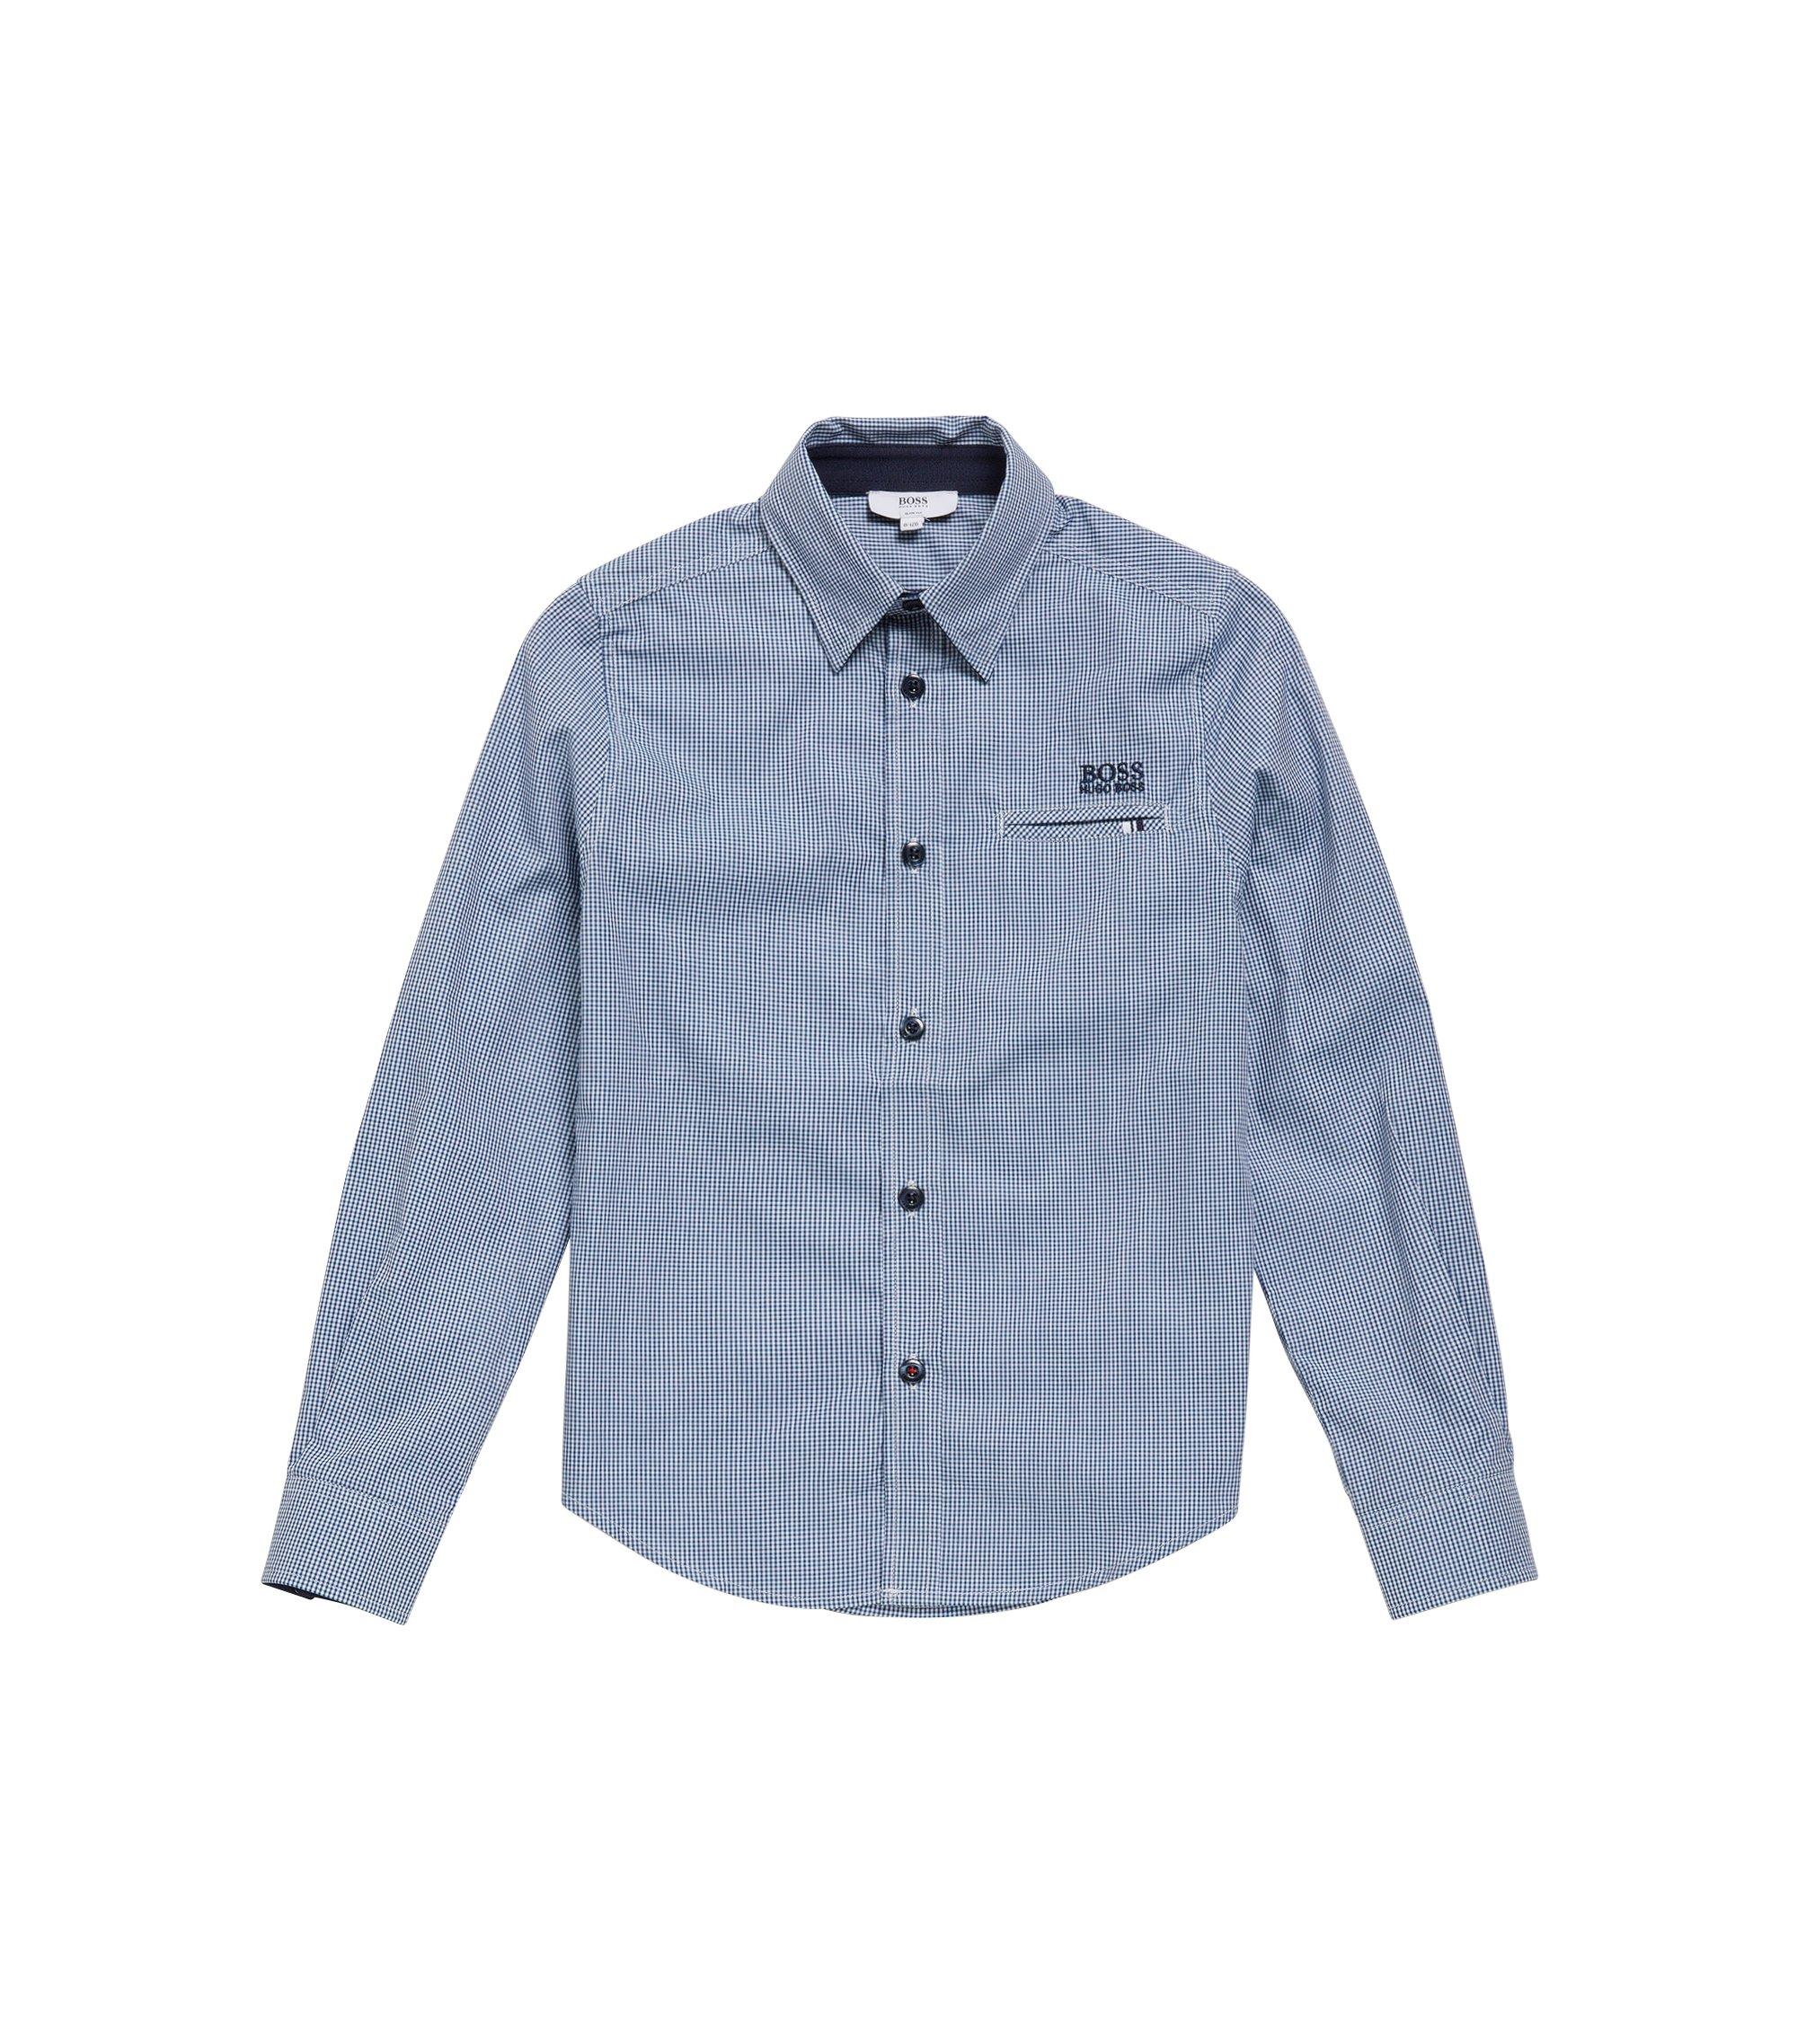 Camicia da bambino in cotone con motivo a quadri: 'J25A20', Blu scuro